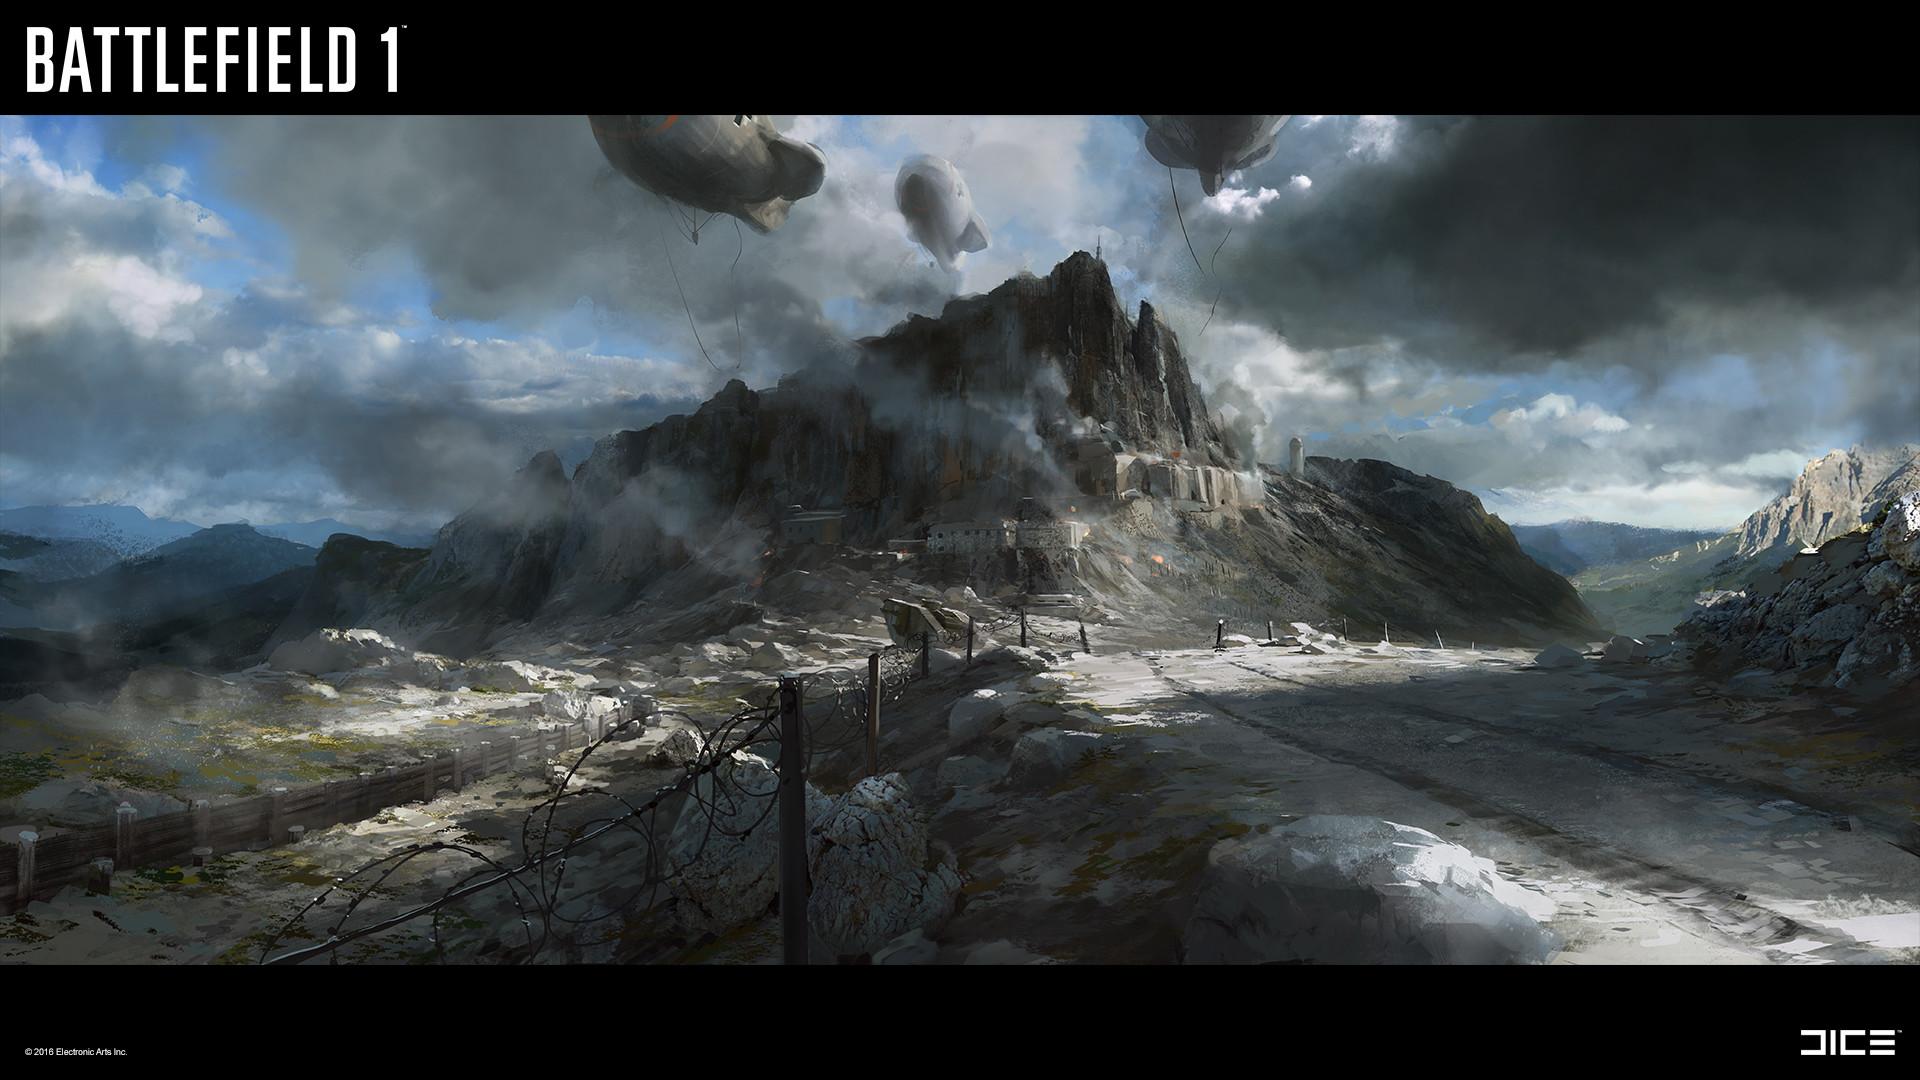 Battlefield 1 Concept Art by Robert Sammelin